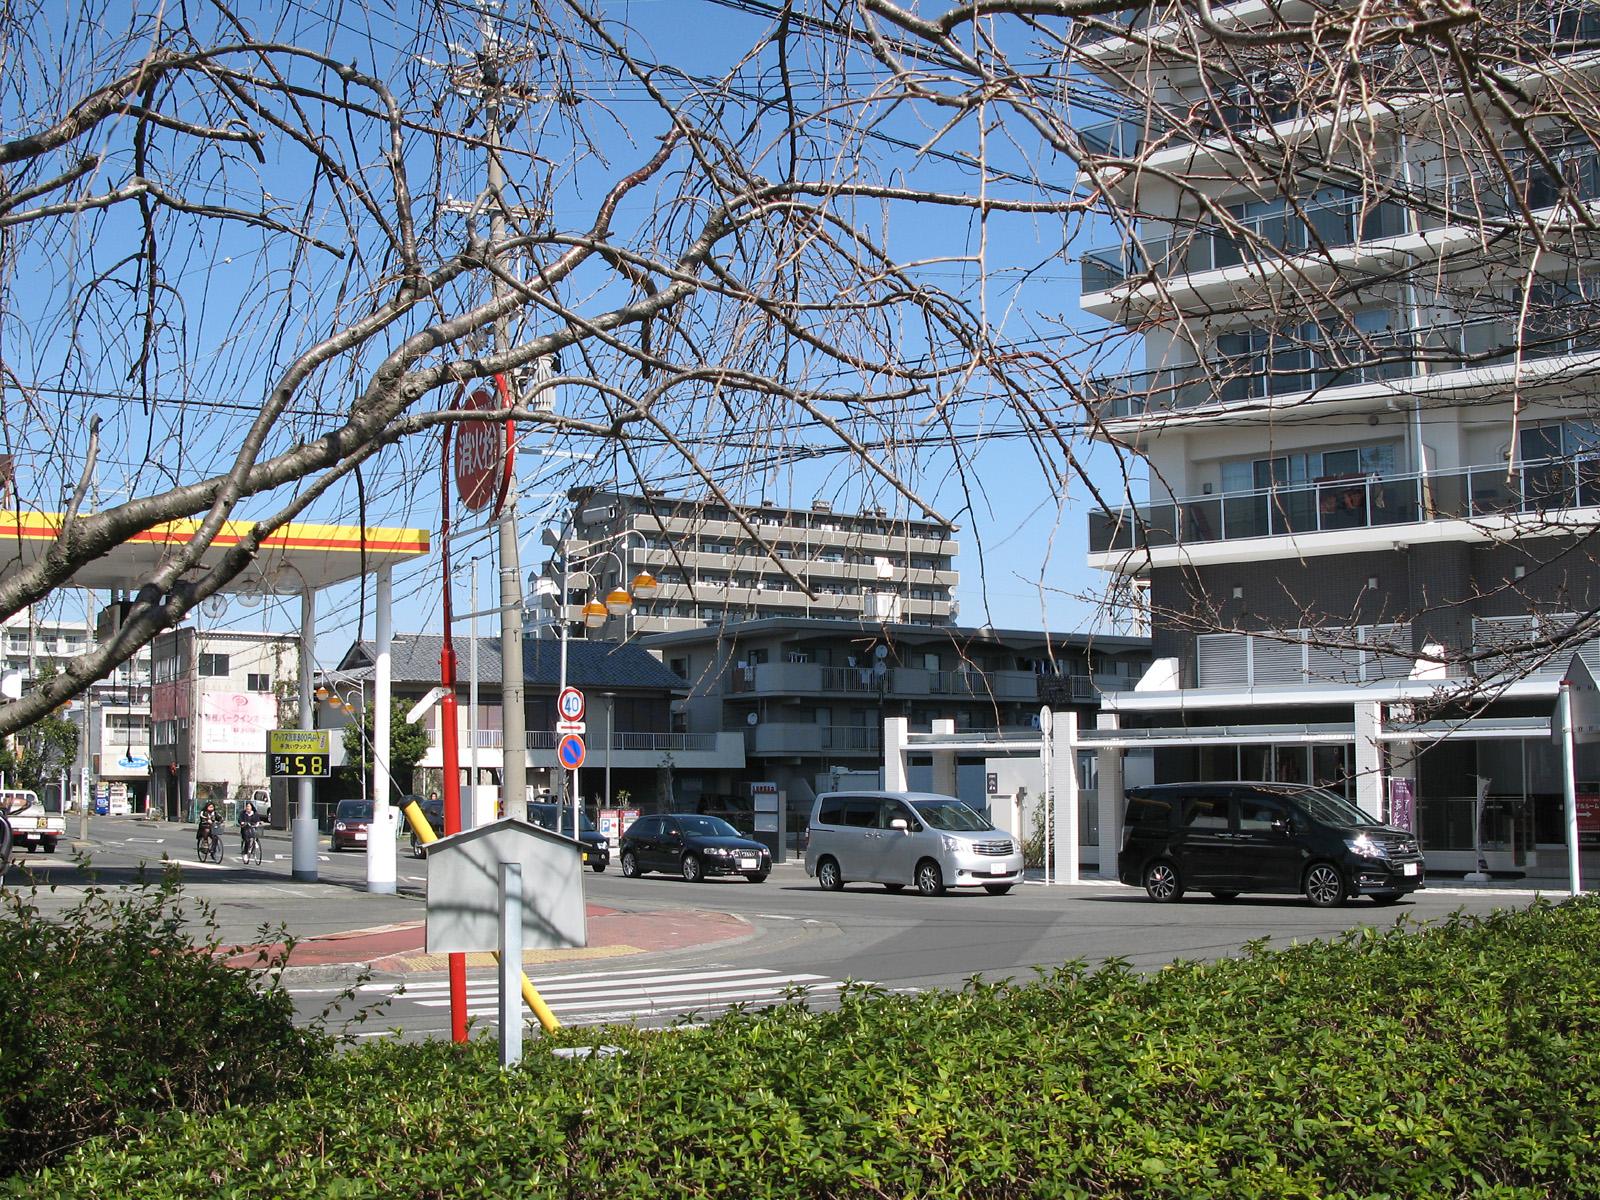 青島史蹟保存会「軽便鉄道駿遠線蹟」前から大手駅・大洲駅方面への進